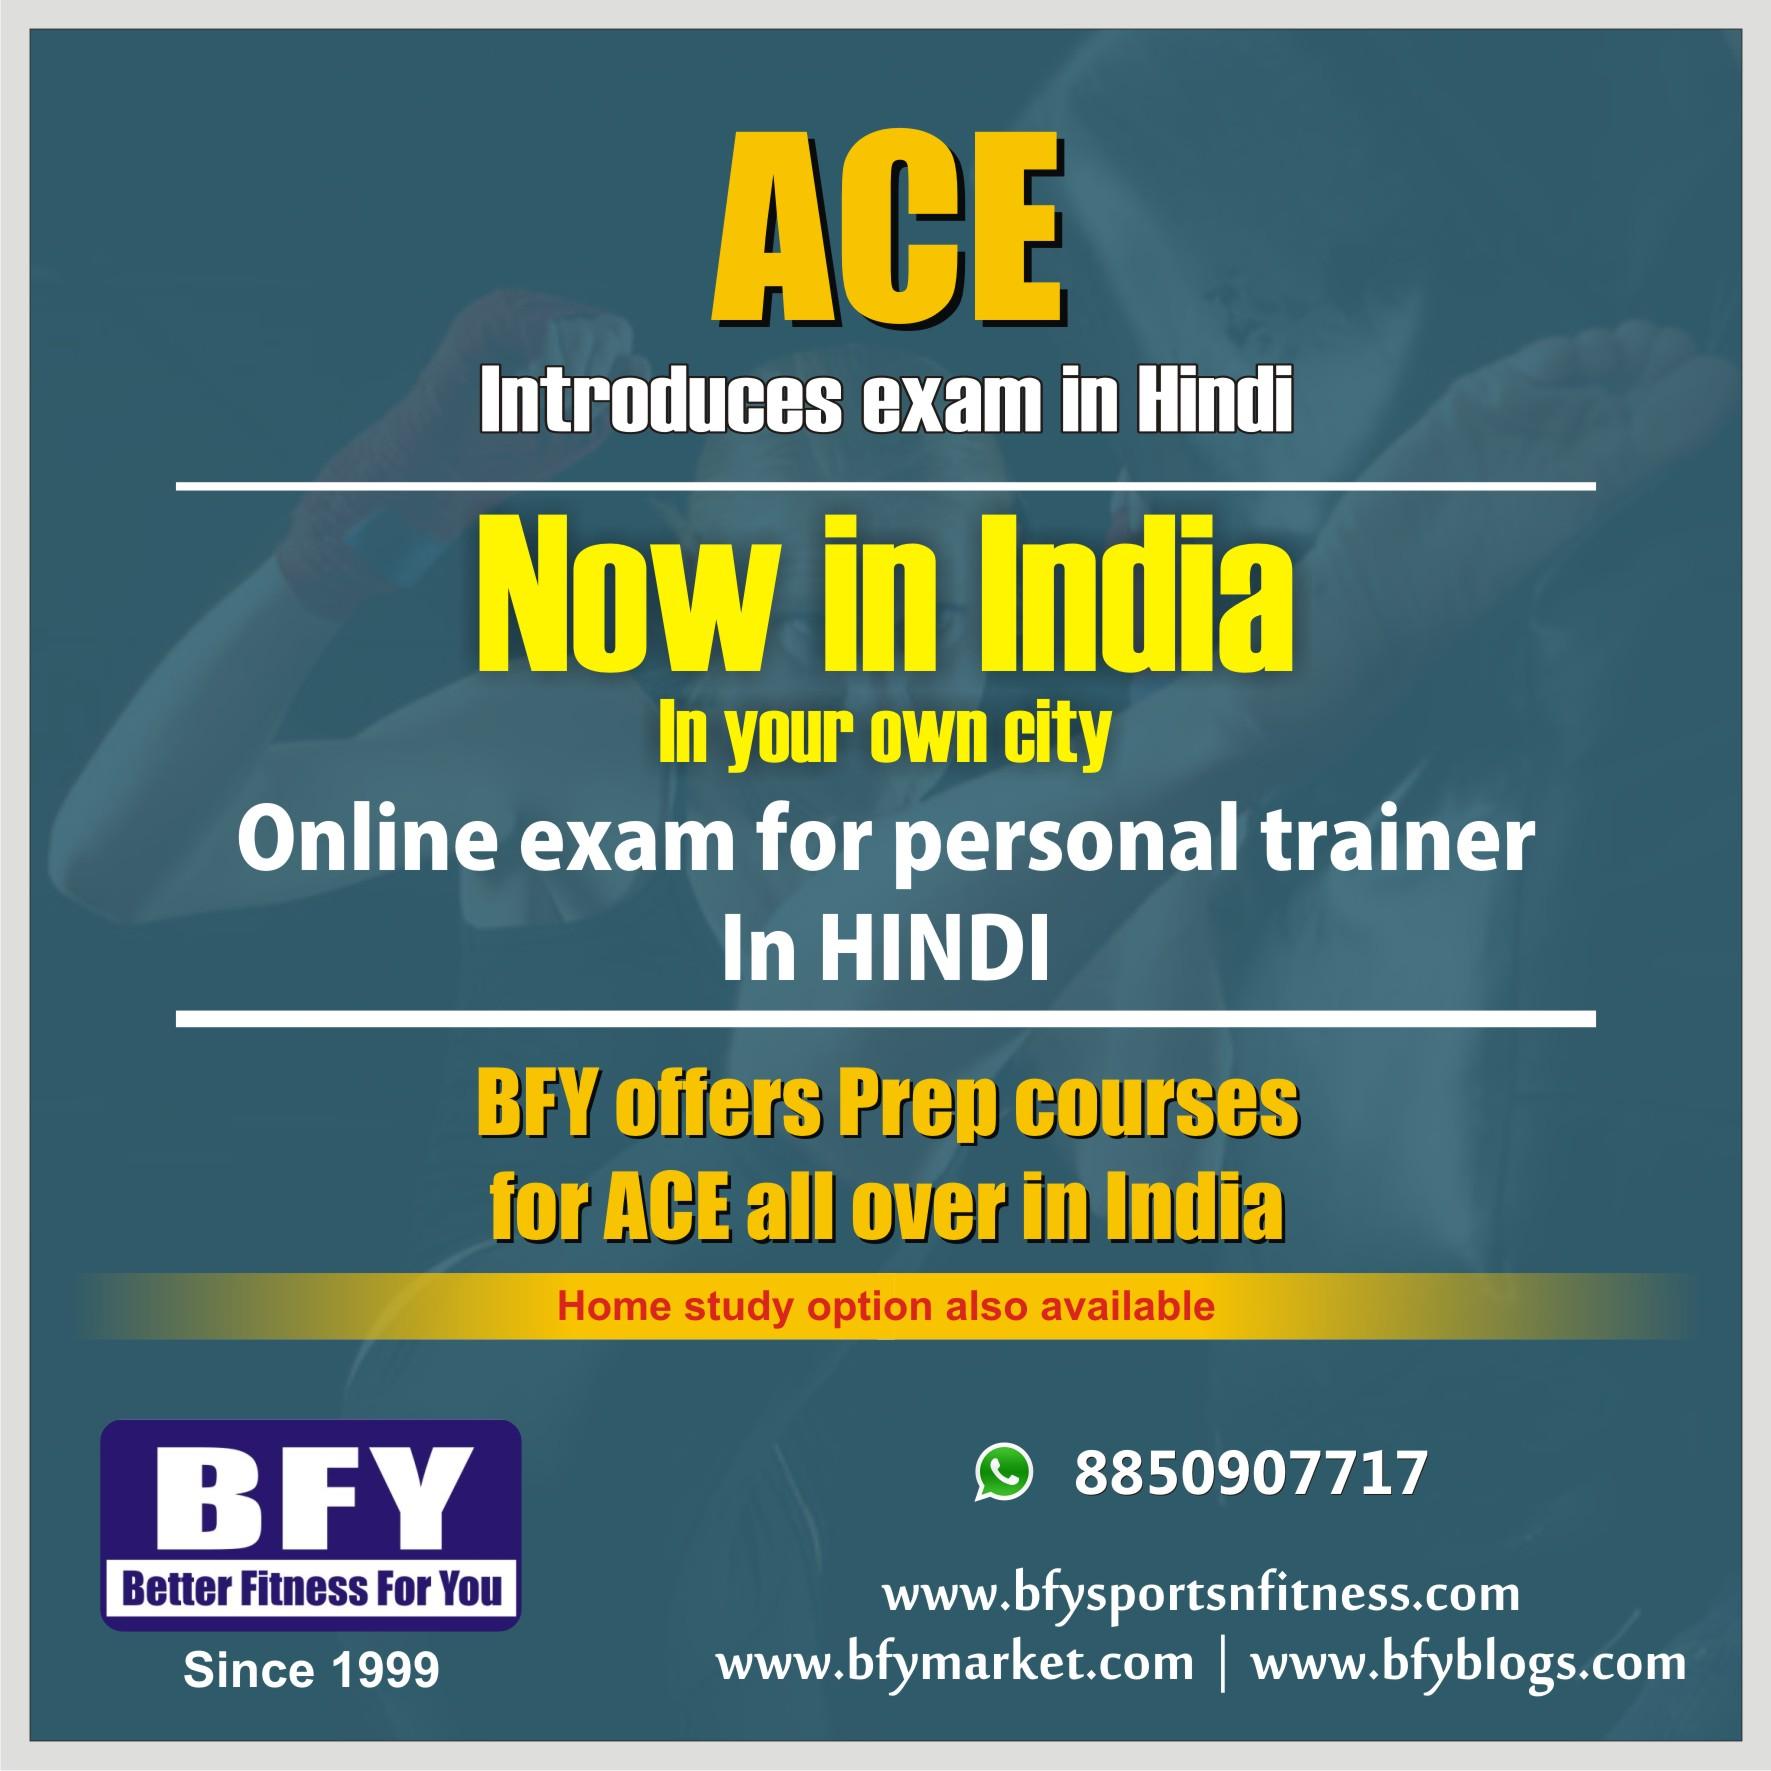 Hindi Ace exam poster 1